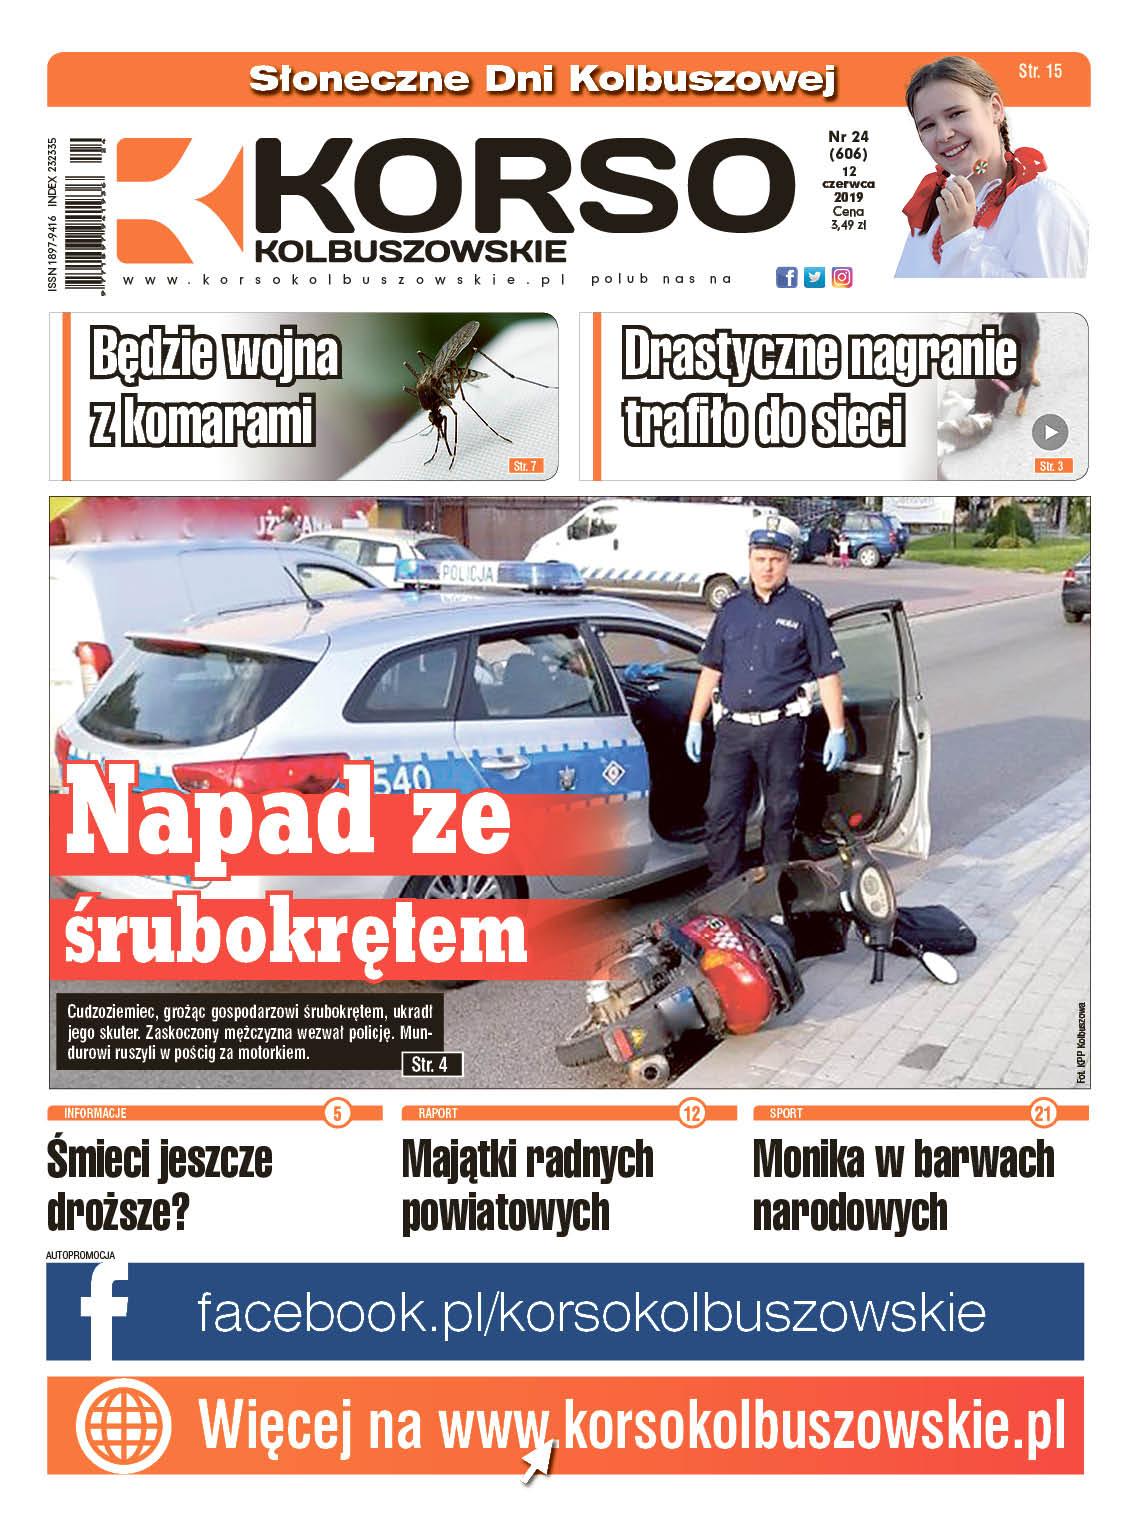 Korso Kolbuszowskie - nr 24/2019 - Zdjęcie główne